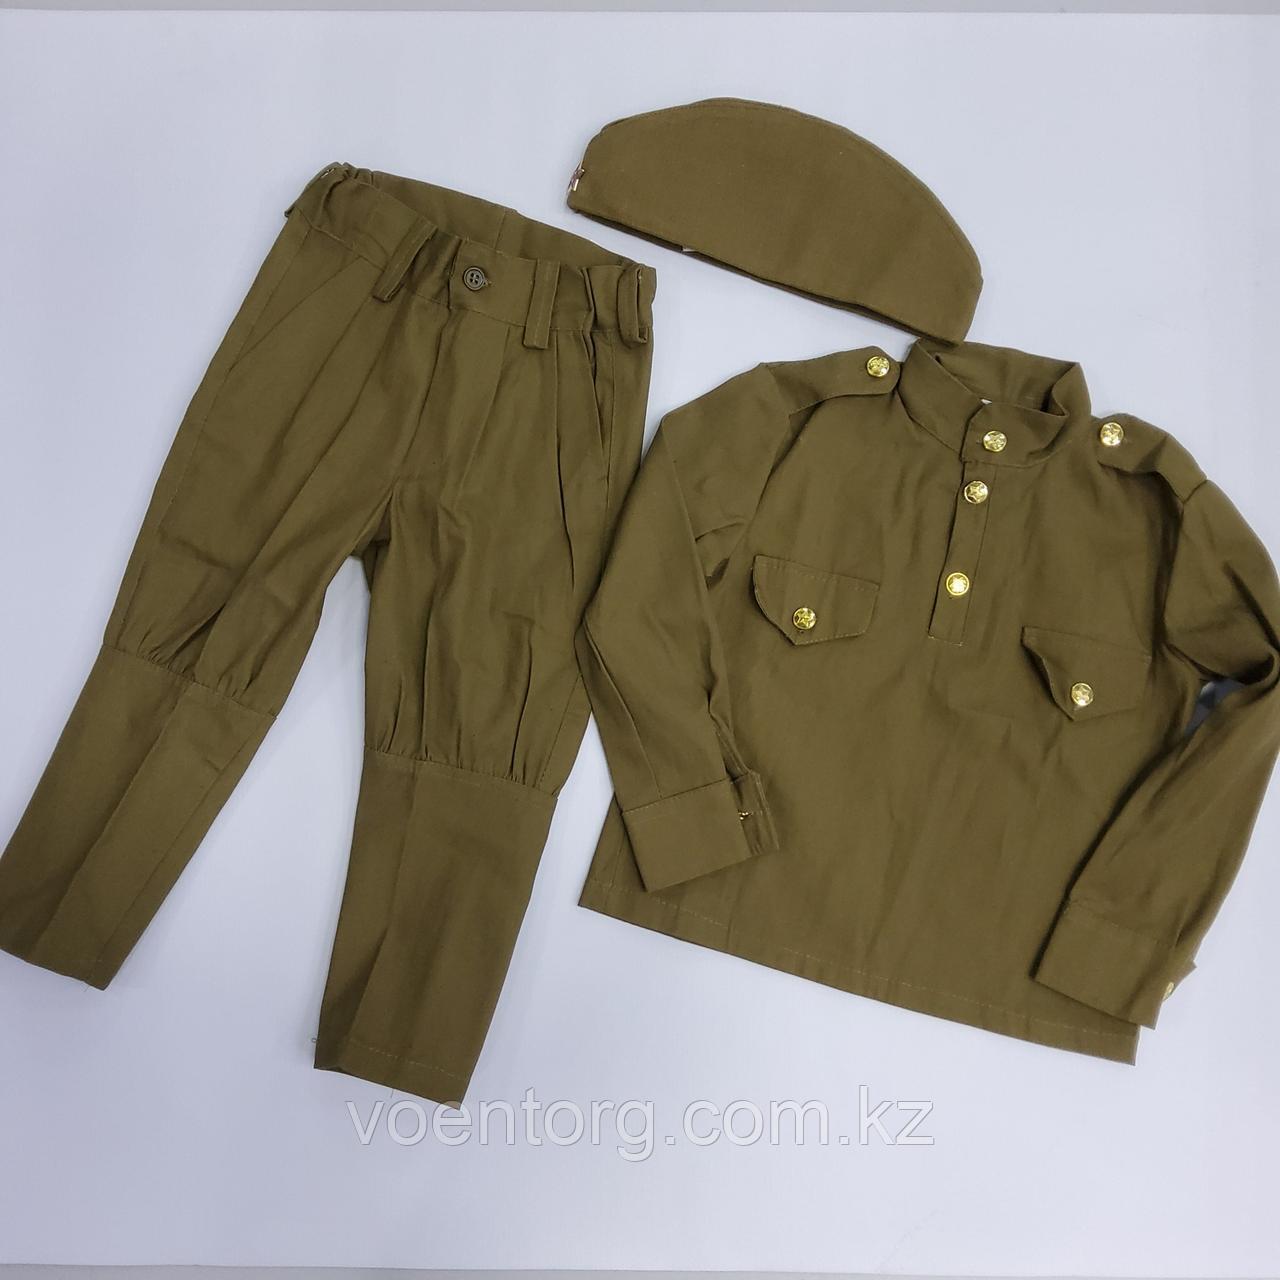 Детский военный костюм для мальчика - фото 2